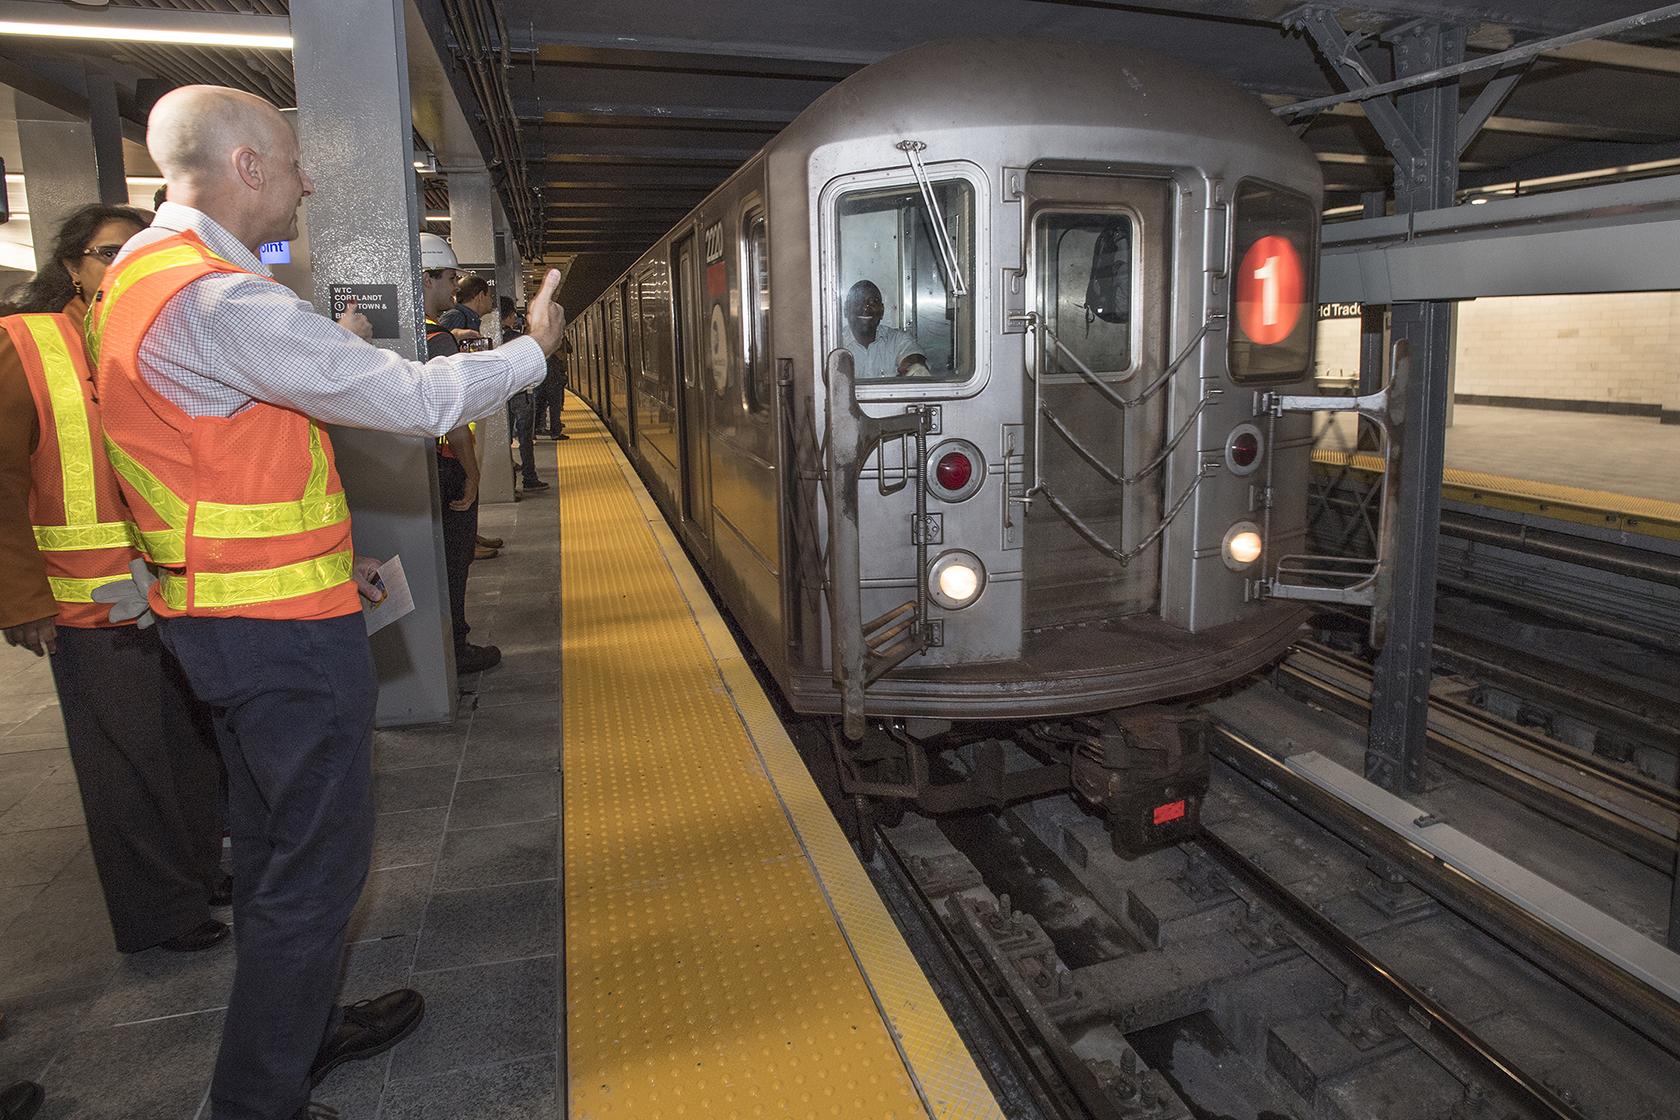 Le Premier Métro Entre En Station.